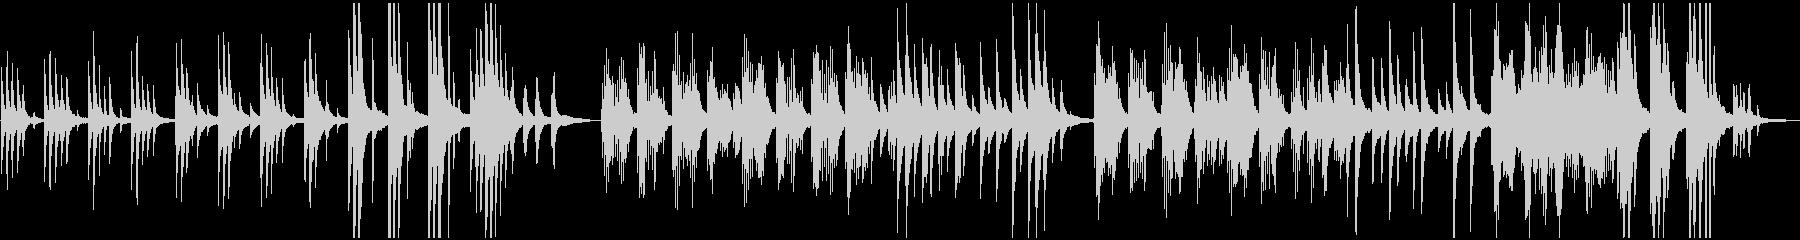 ピアノソロ:サビ1分41秒:癒し、光の未再生の波形